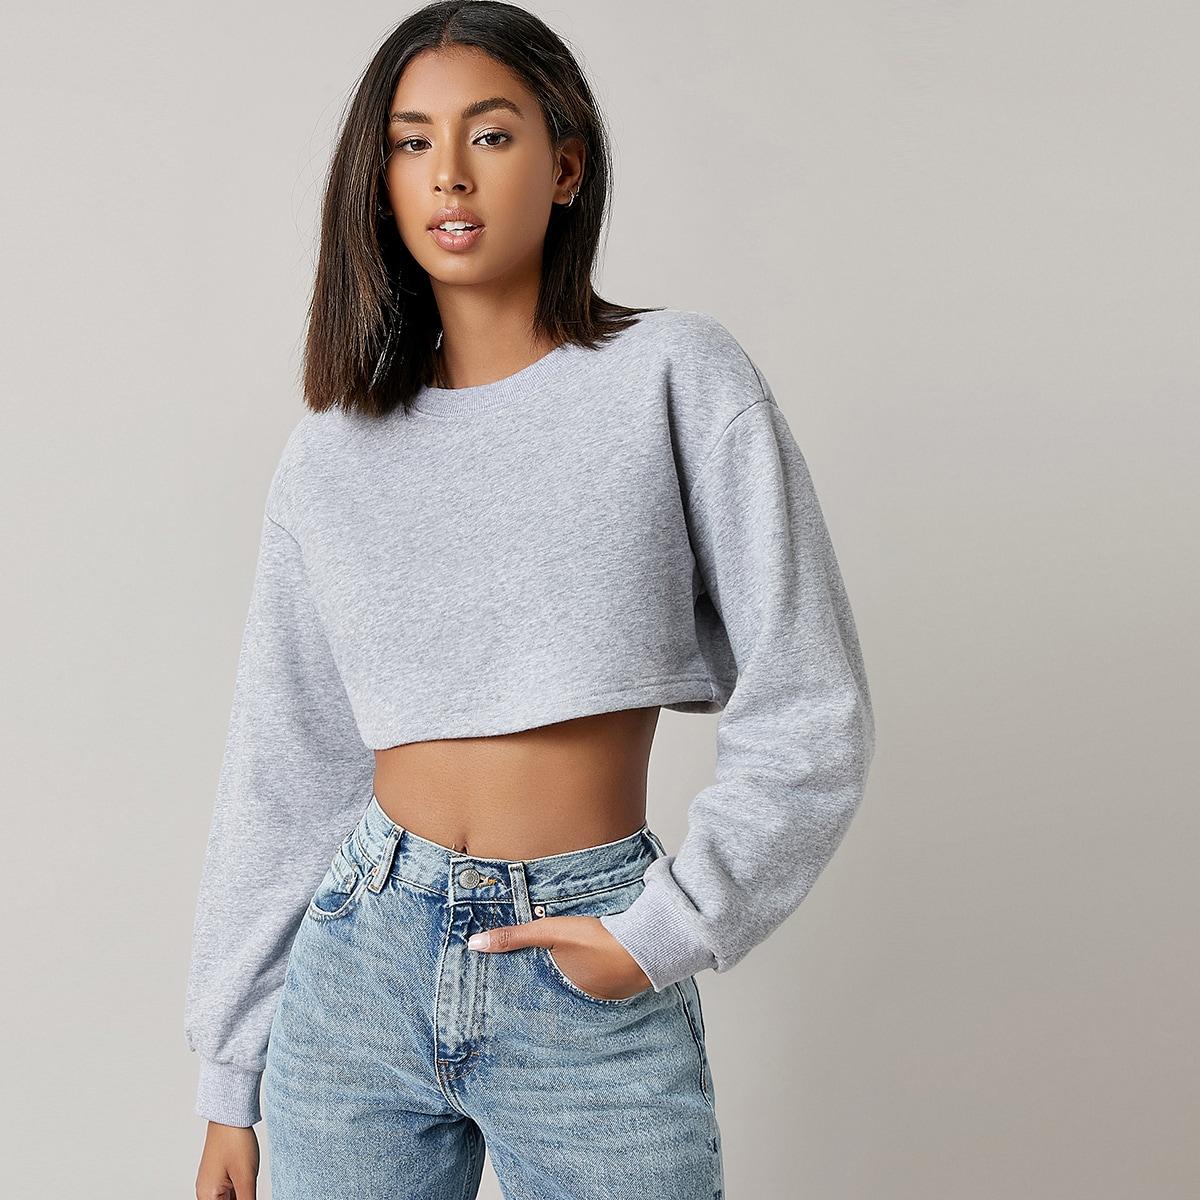 Короткий пуловер со спущенным рукавом